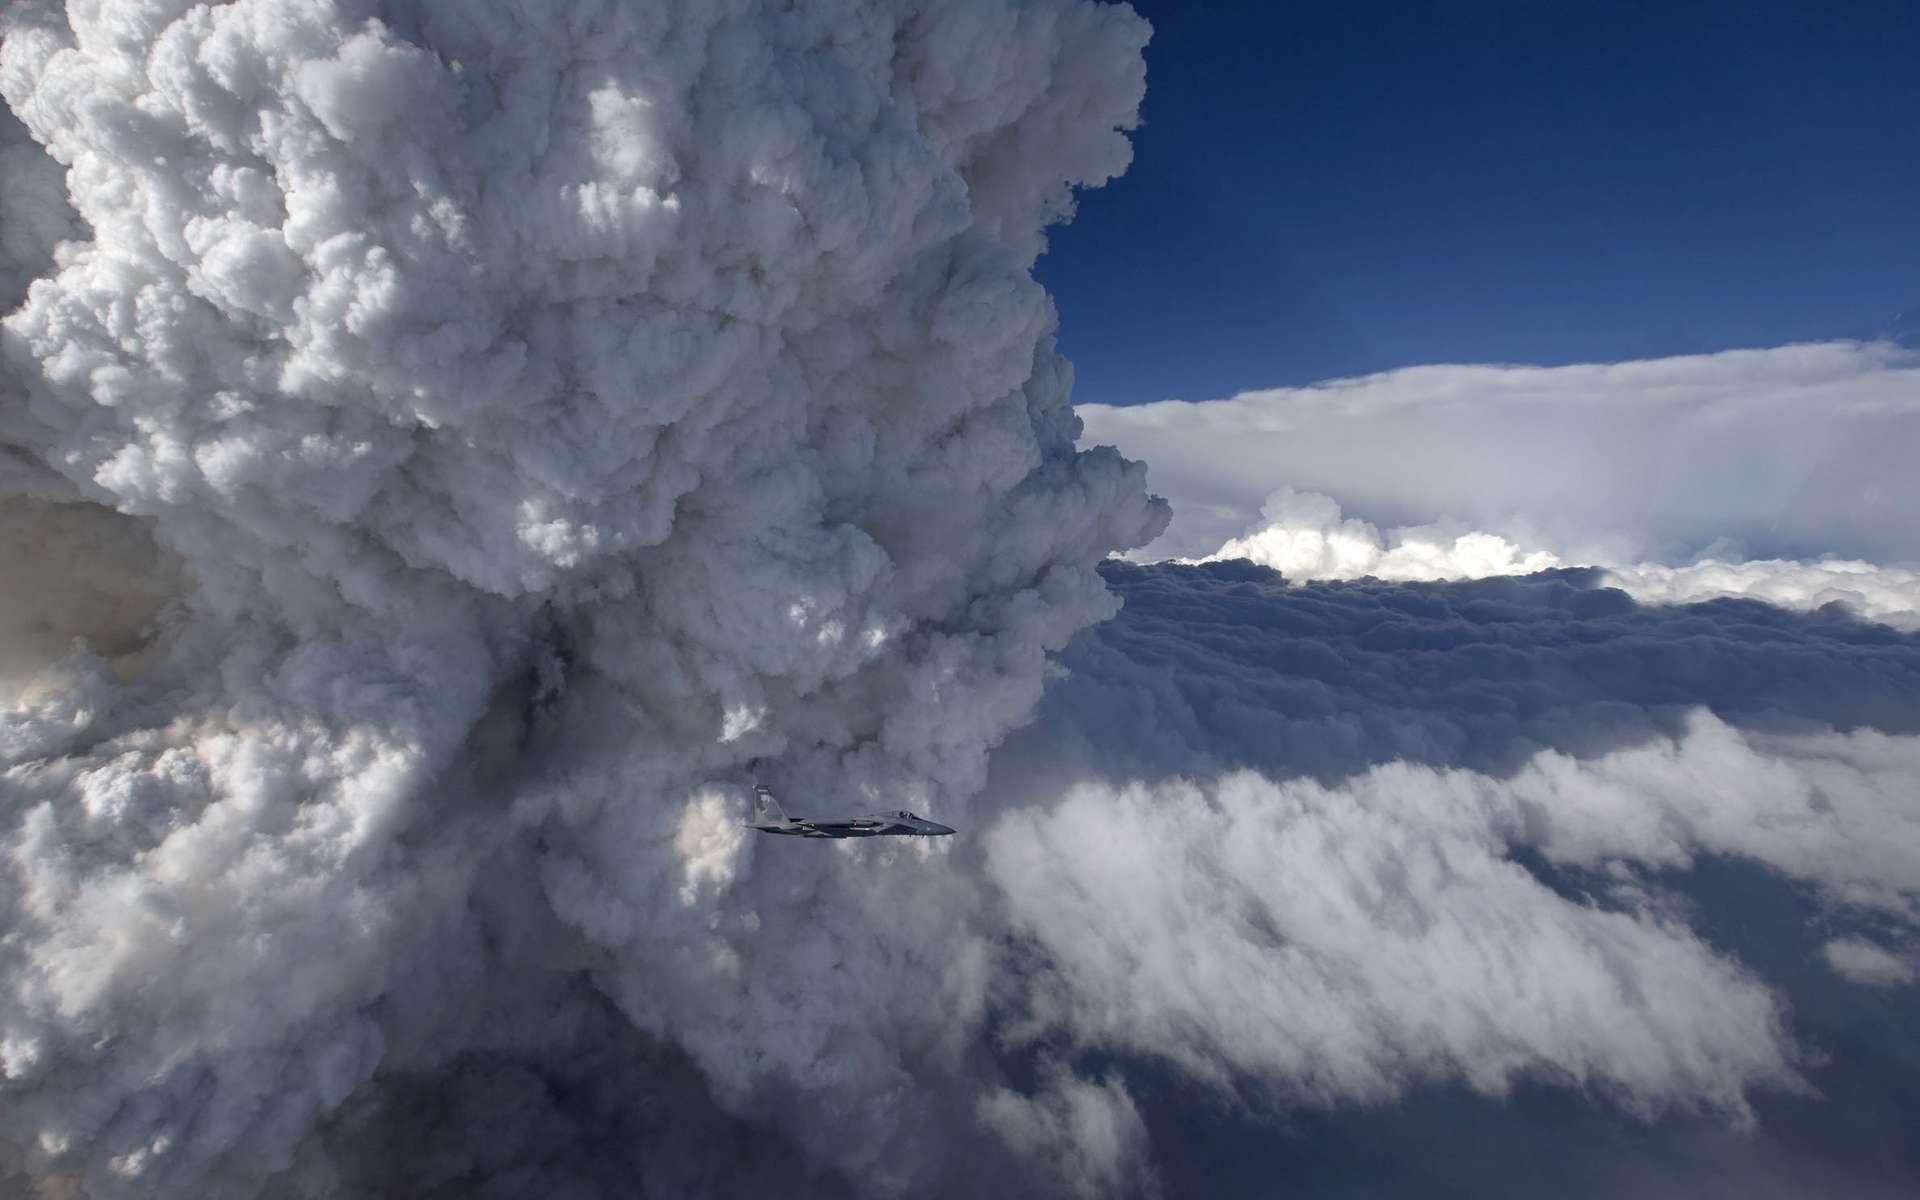 Un pyrocumulus est un nuage qui se forme au-dessus d'une source de chaleur intense, comme des feux de forêt ou des éruptions volcaniques. © James Haseltine, Oregon Air National Guard